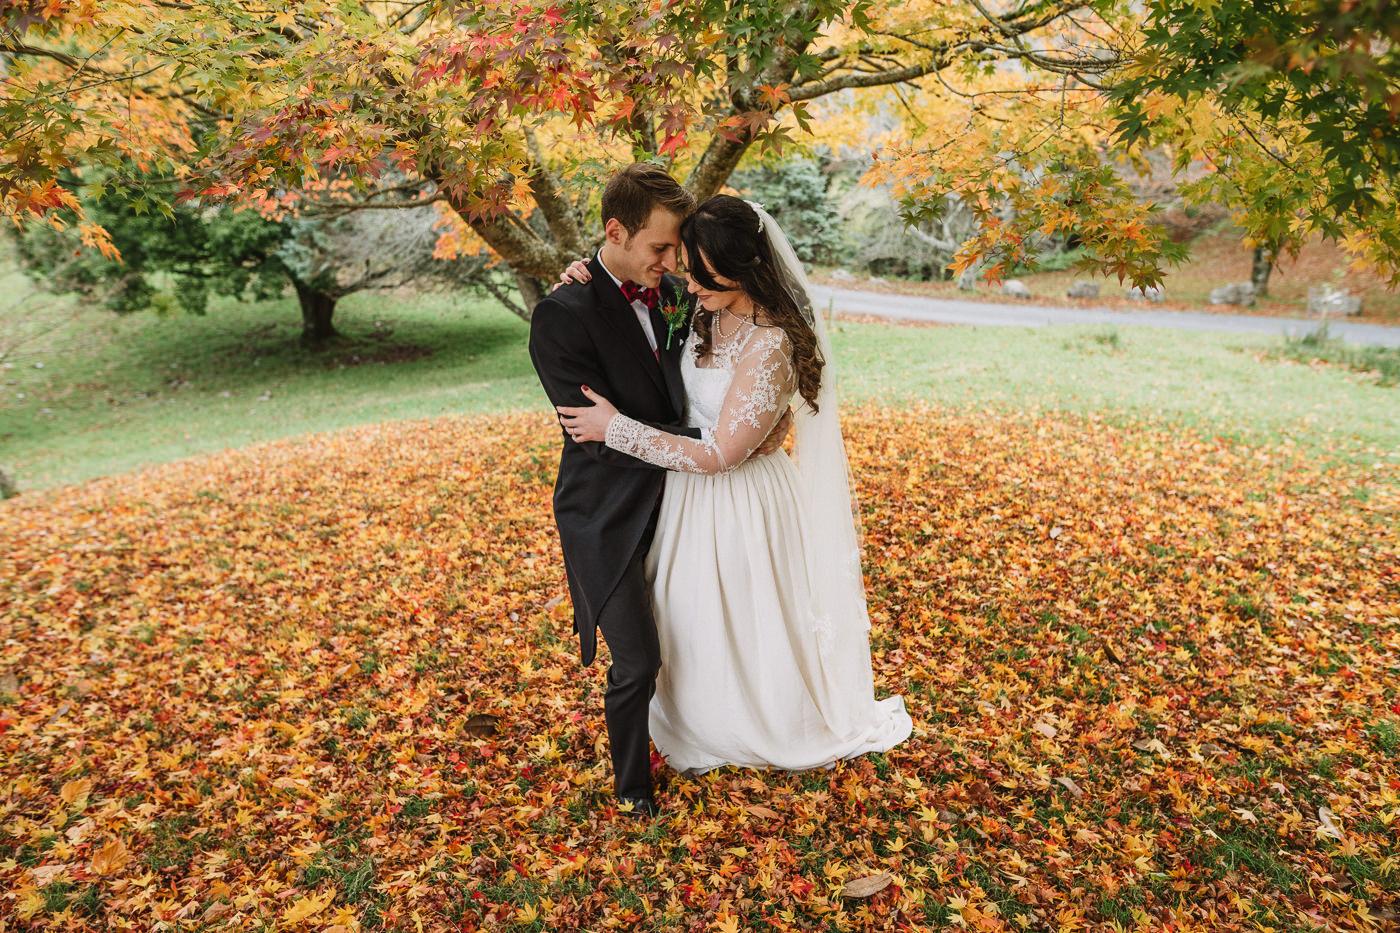 wedding_photographers_tauranga-1054.jpg